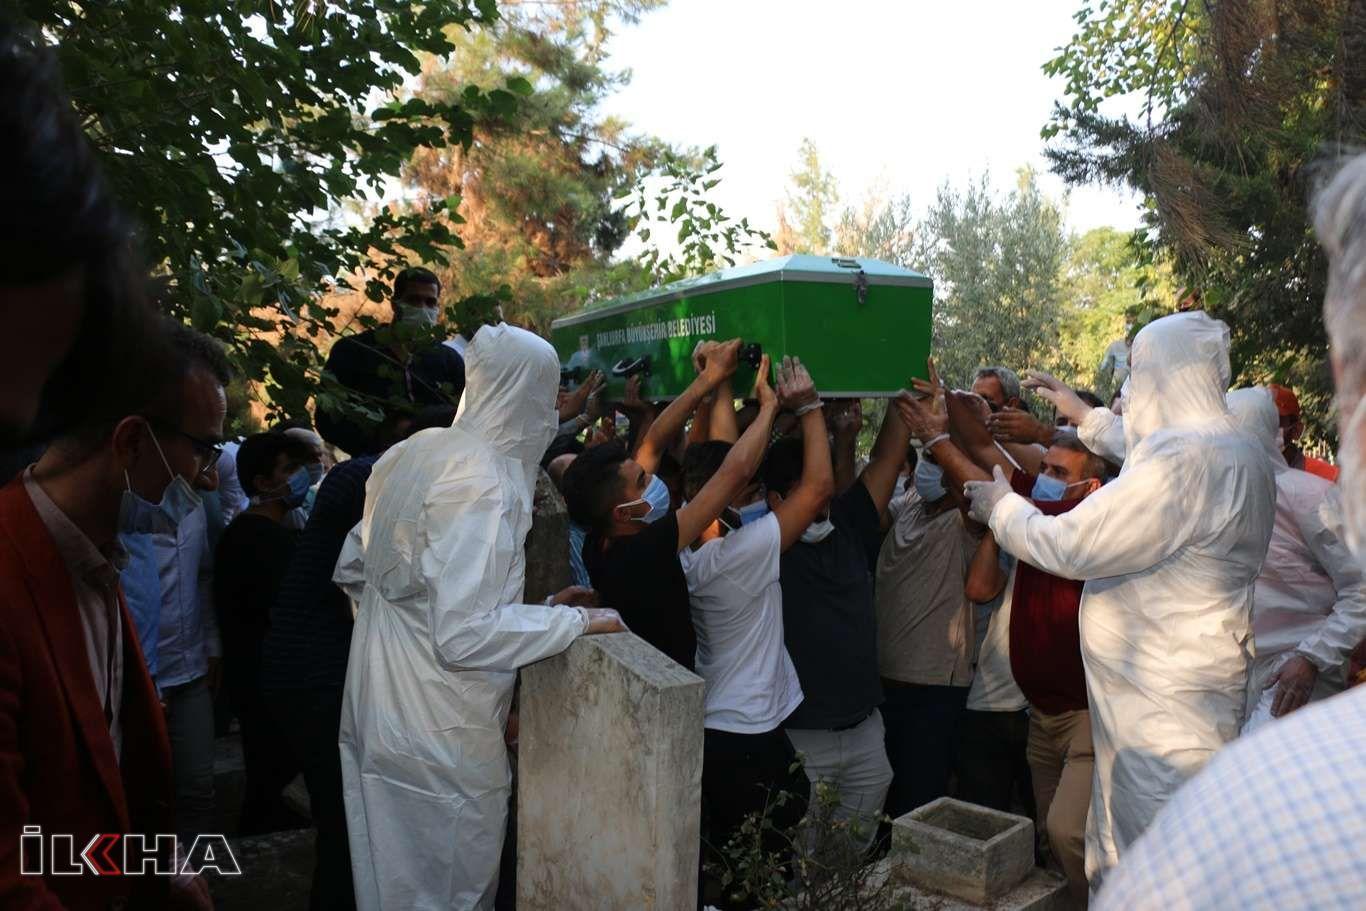 Coronavirus'ten vefat eden iş adamı İbrahim Toru, Şanlıurfa'da defnedildi